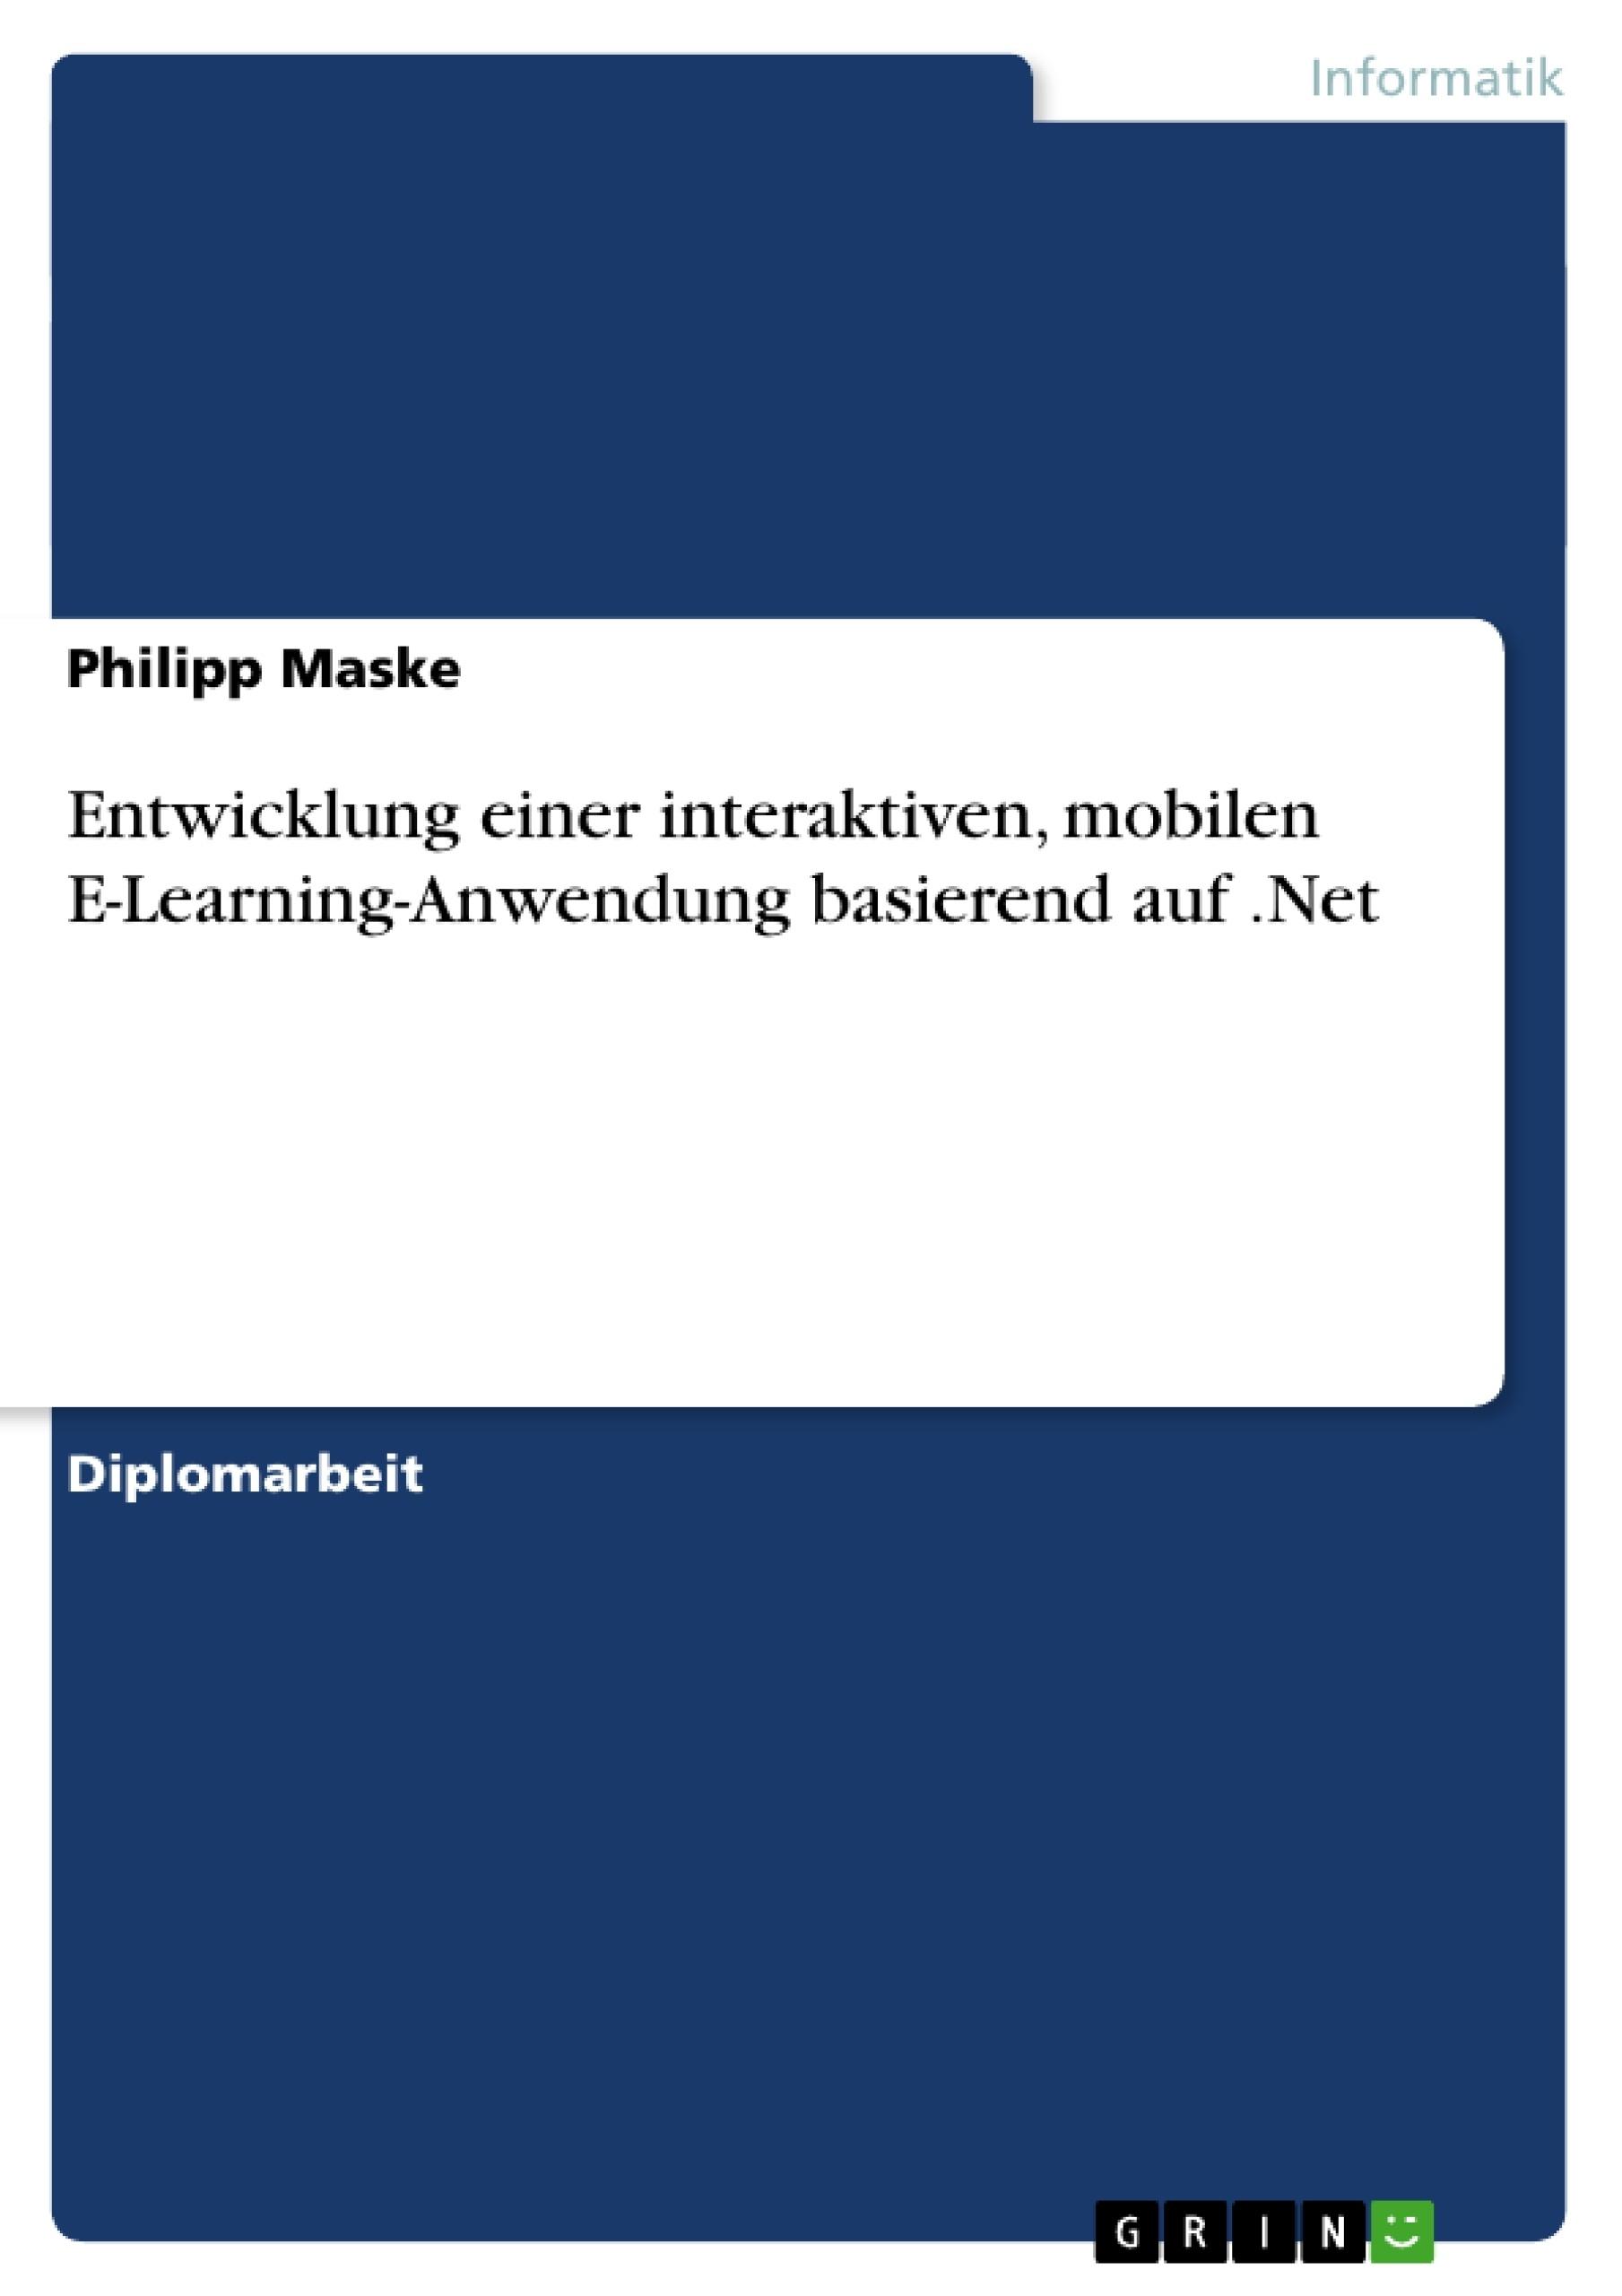 Titel: Entwicklung einer interaktiven, mobilen E-Learning-Anwendung basierend auf .Net